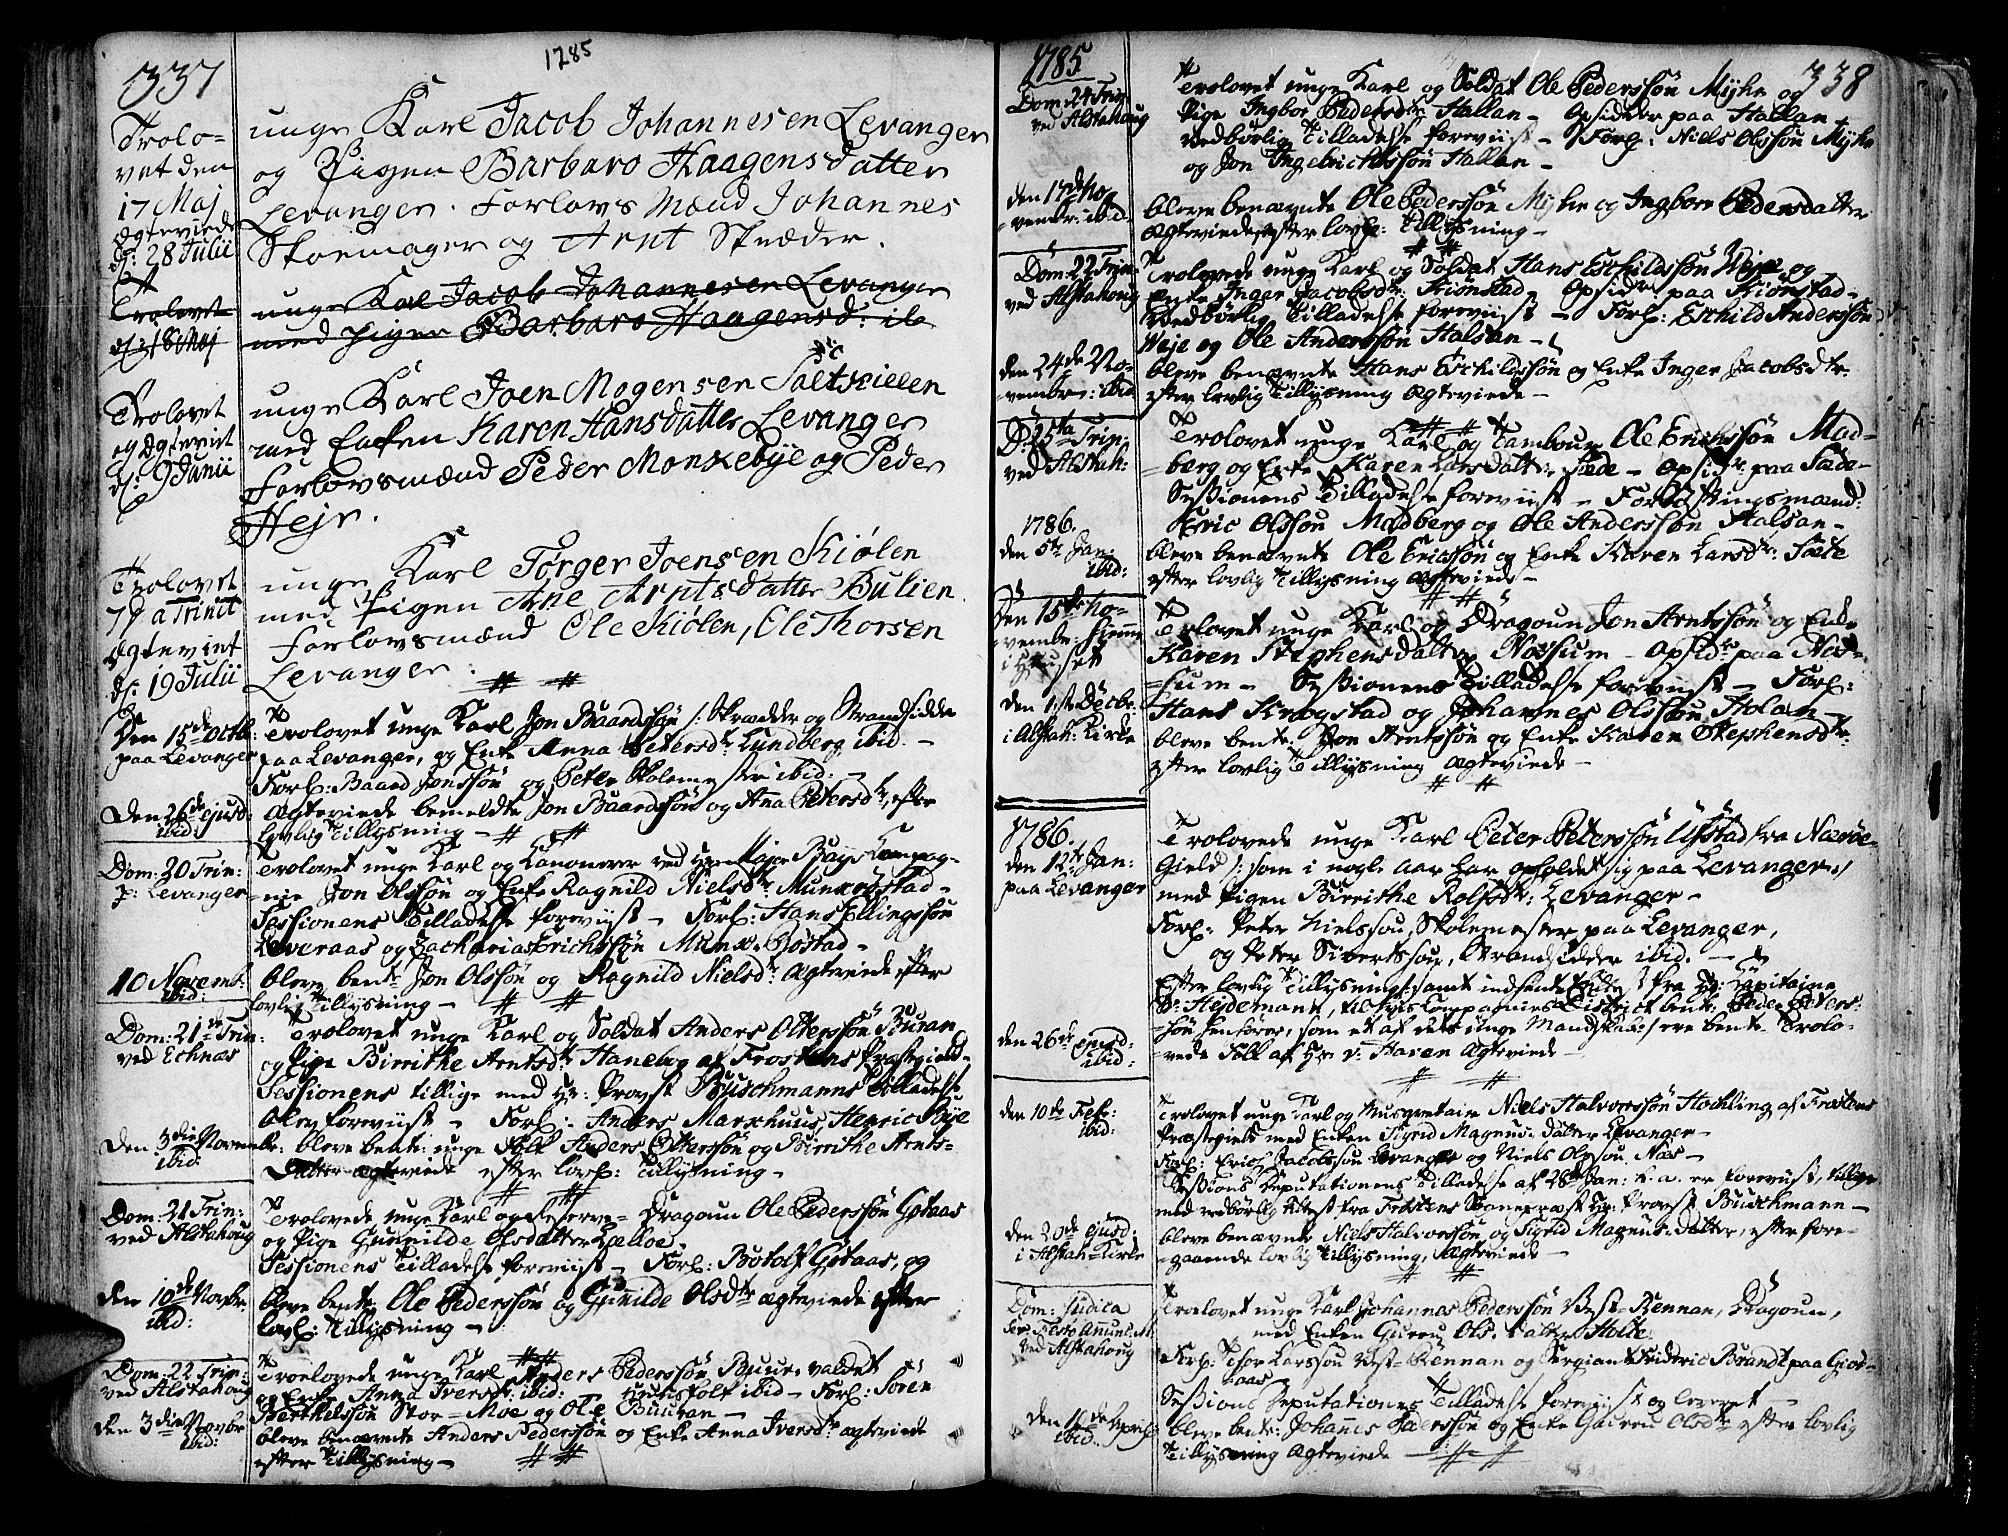 SAT, Ministerialprotokoller, klokkerbøker og fødselsregistre - Nord-Trøndelag, 717/L0141: Ministerialbok nr. 717A01, 1747-1803, s. 337-338